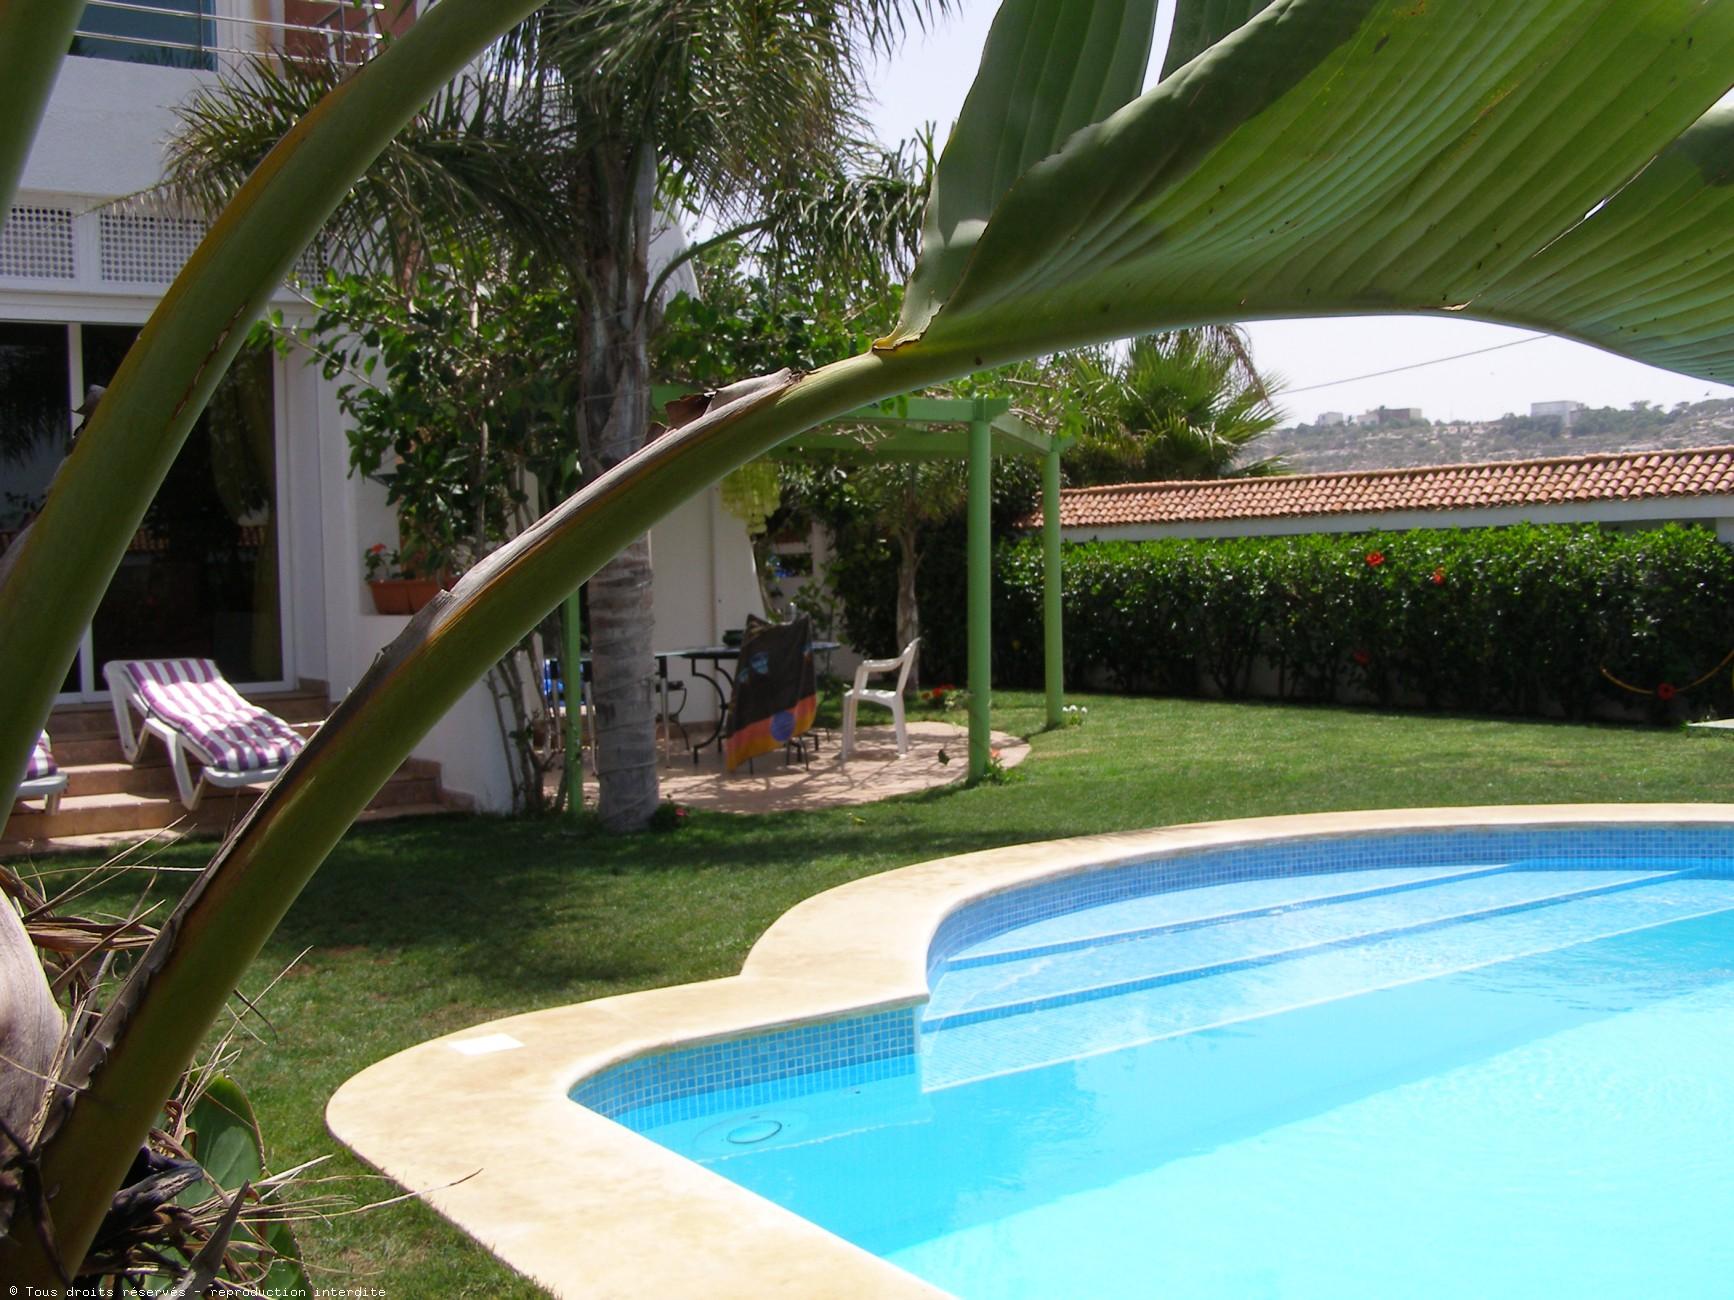 chambres d hà tes el jadida dans une villa avec avec piscine